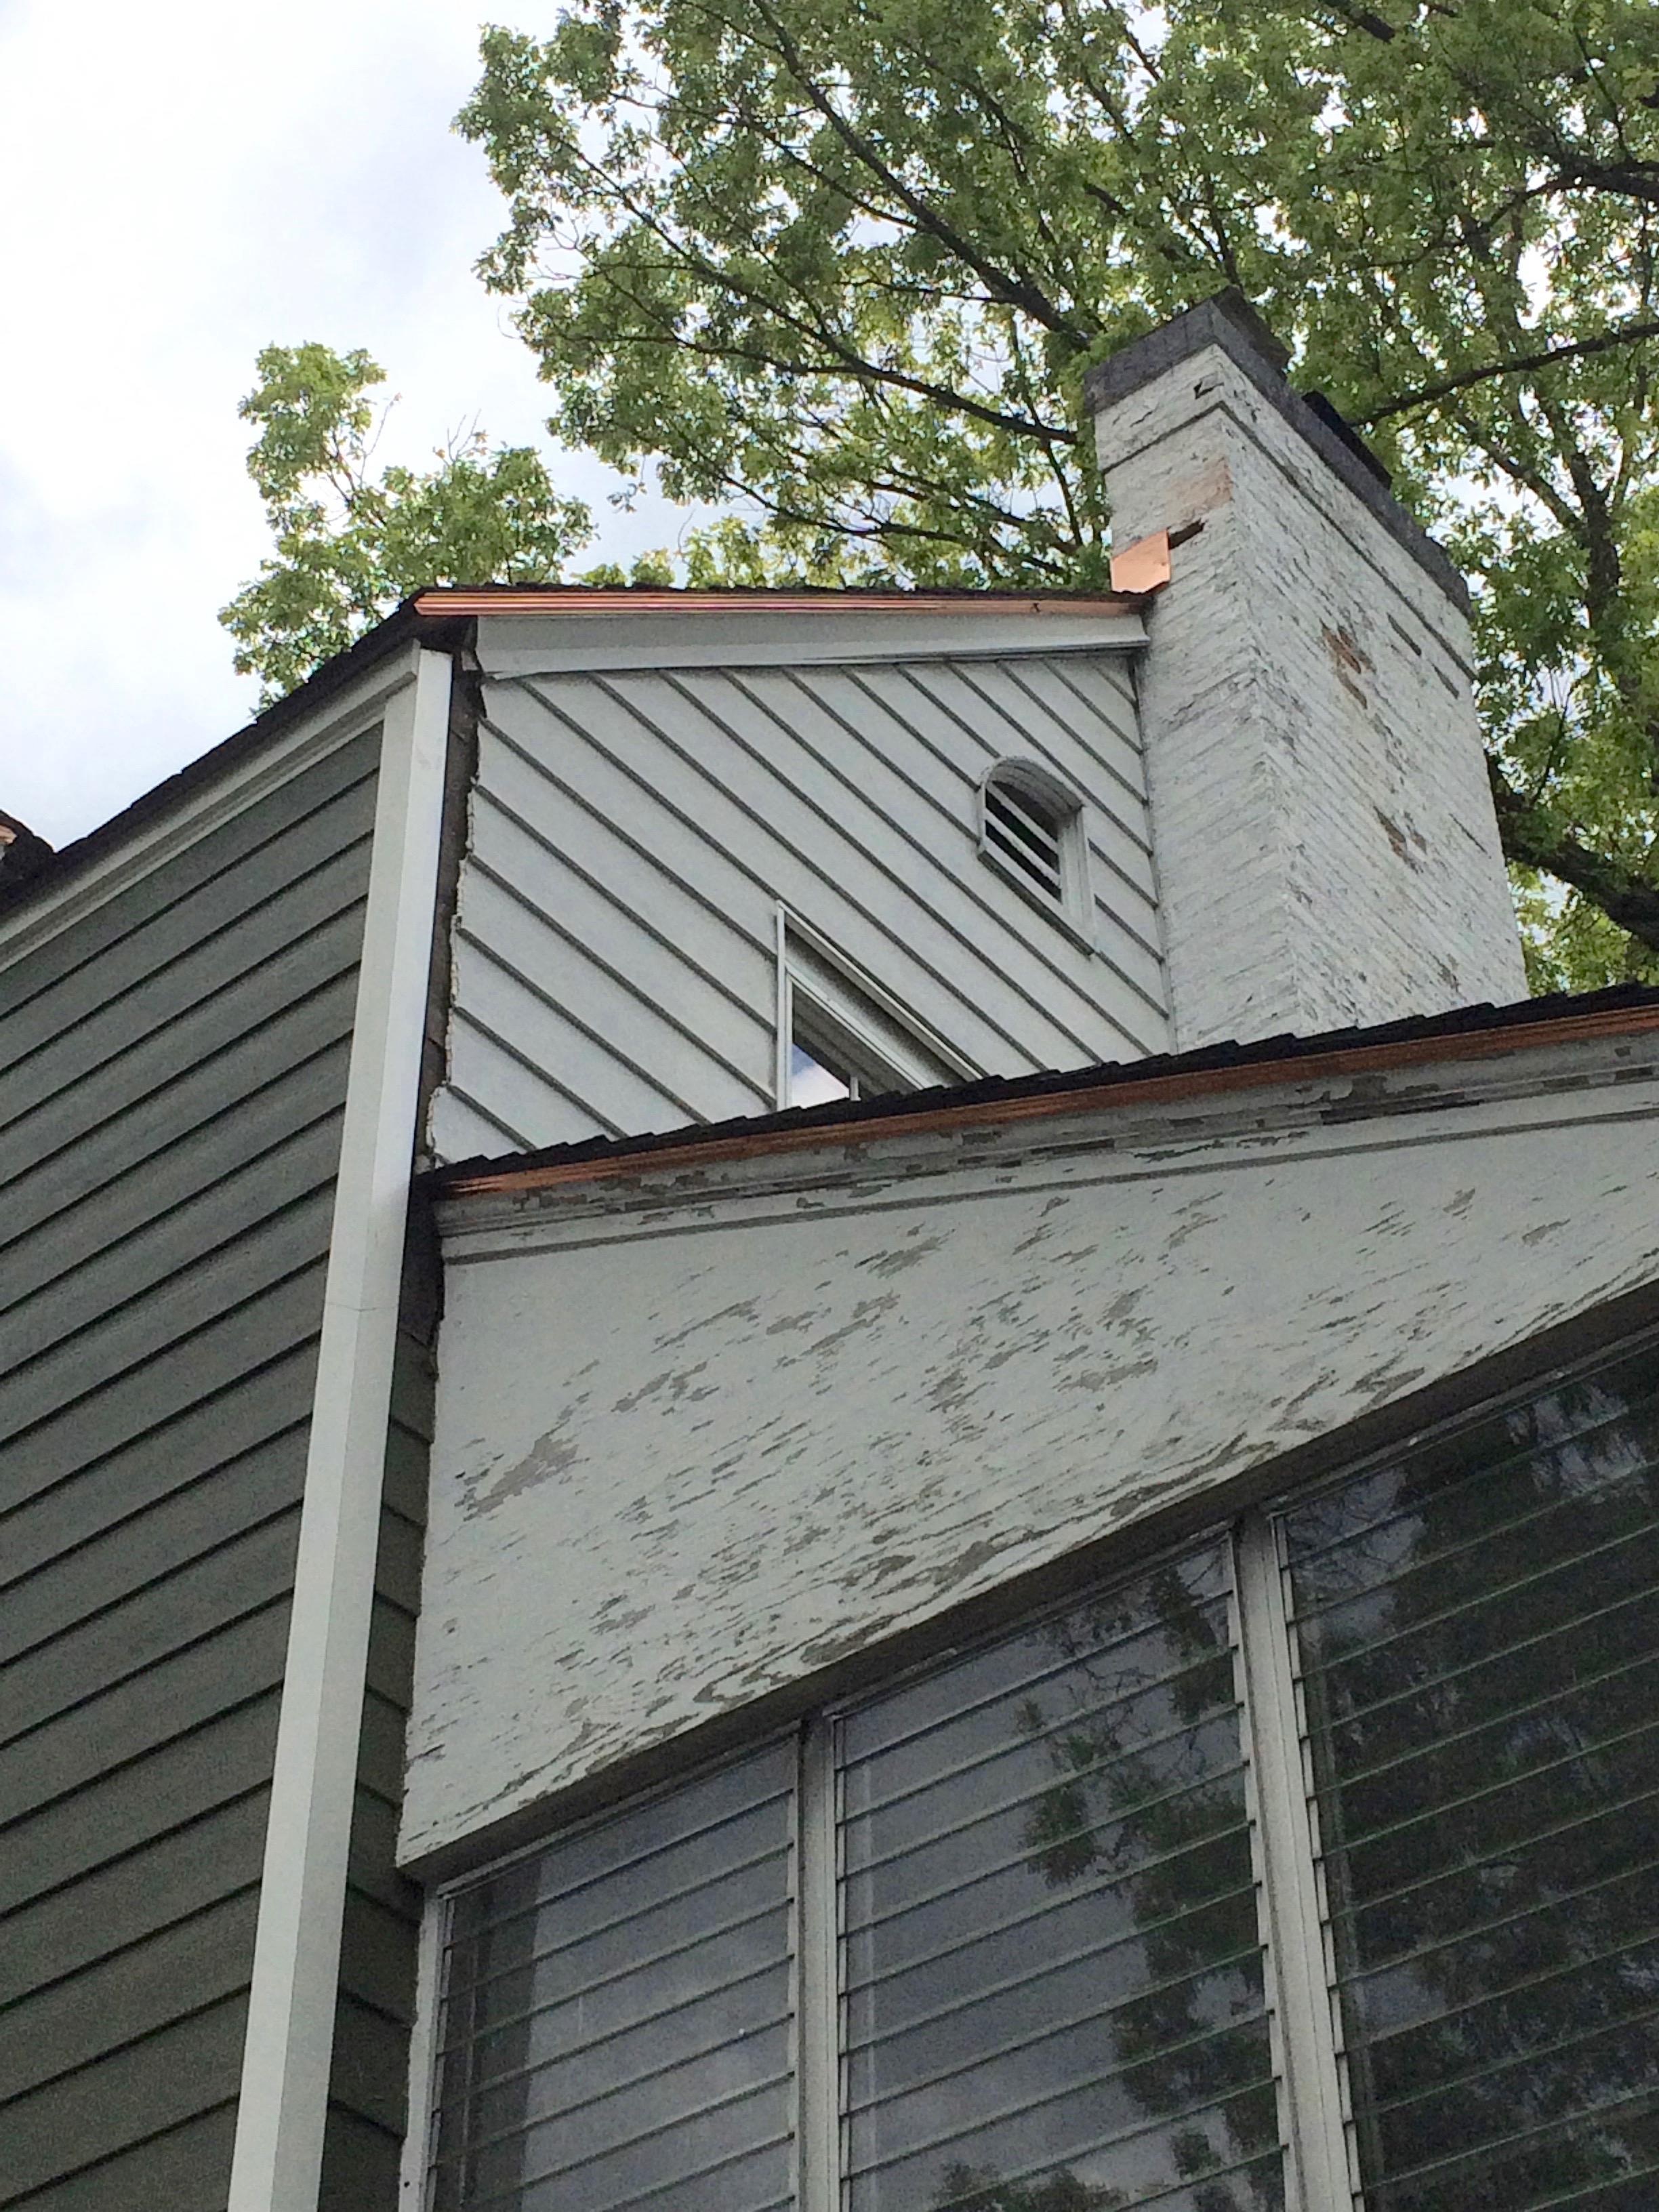 New Gaf Glenwood Lifetime Designer Shingle Roof In Essex